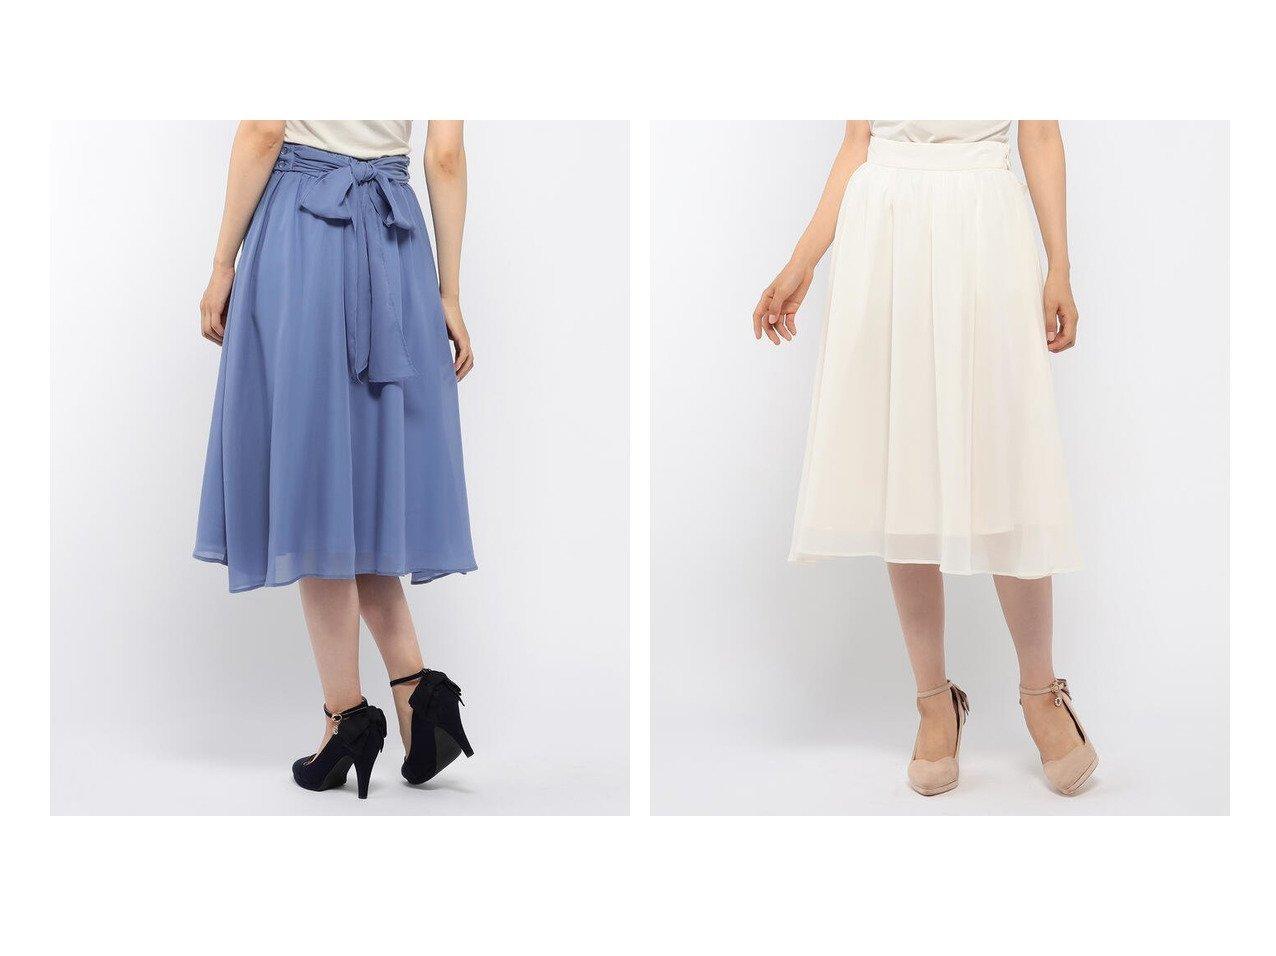 【MISCH MASCH/ミッシュマッシュ】のリボン取り外しフレアスカート おすすめ!人気、トレンド・レディースファッションの通販 おすすめで人気の流行・トレンド、ファッションの通販商品 インテリア・家具・メンズファッション・キッズファッション・レディースファッション・服の通販 founy(ファニー) https://founy.com/ ファッション Fashion レディースファッション WOMEN スカート Skirt Aライン/フレアスカート Flared A-Line Skirts ギャザー シンプル フレア リボン |ID:crp329100000061099